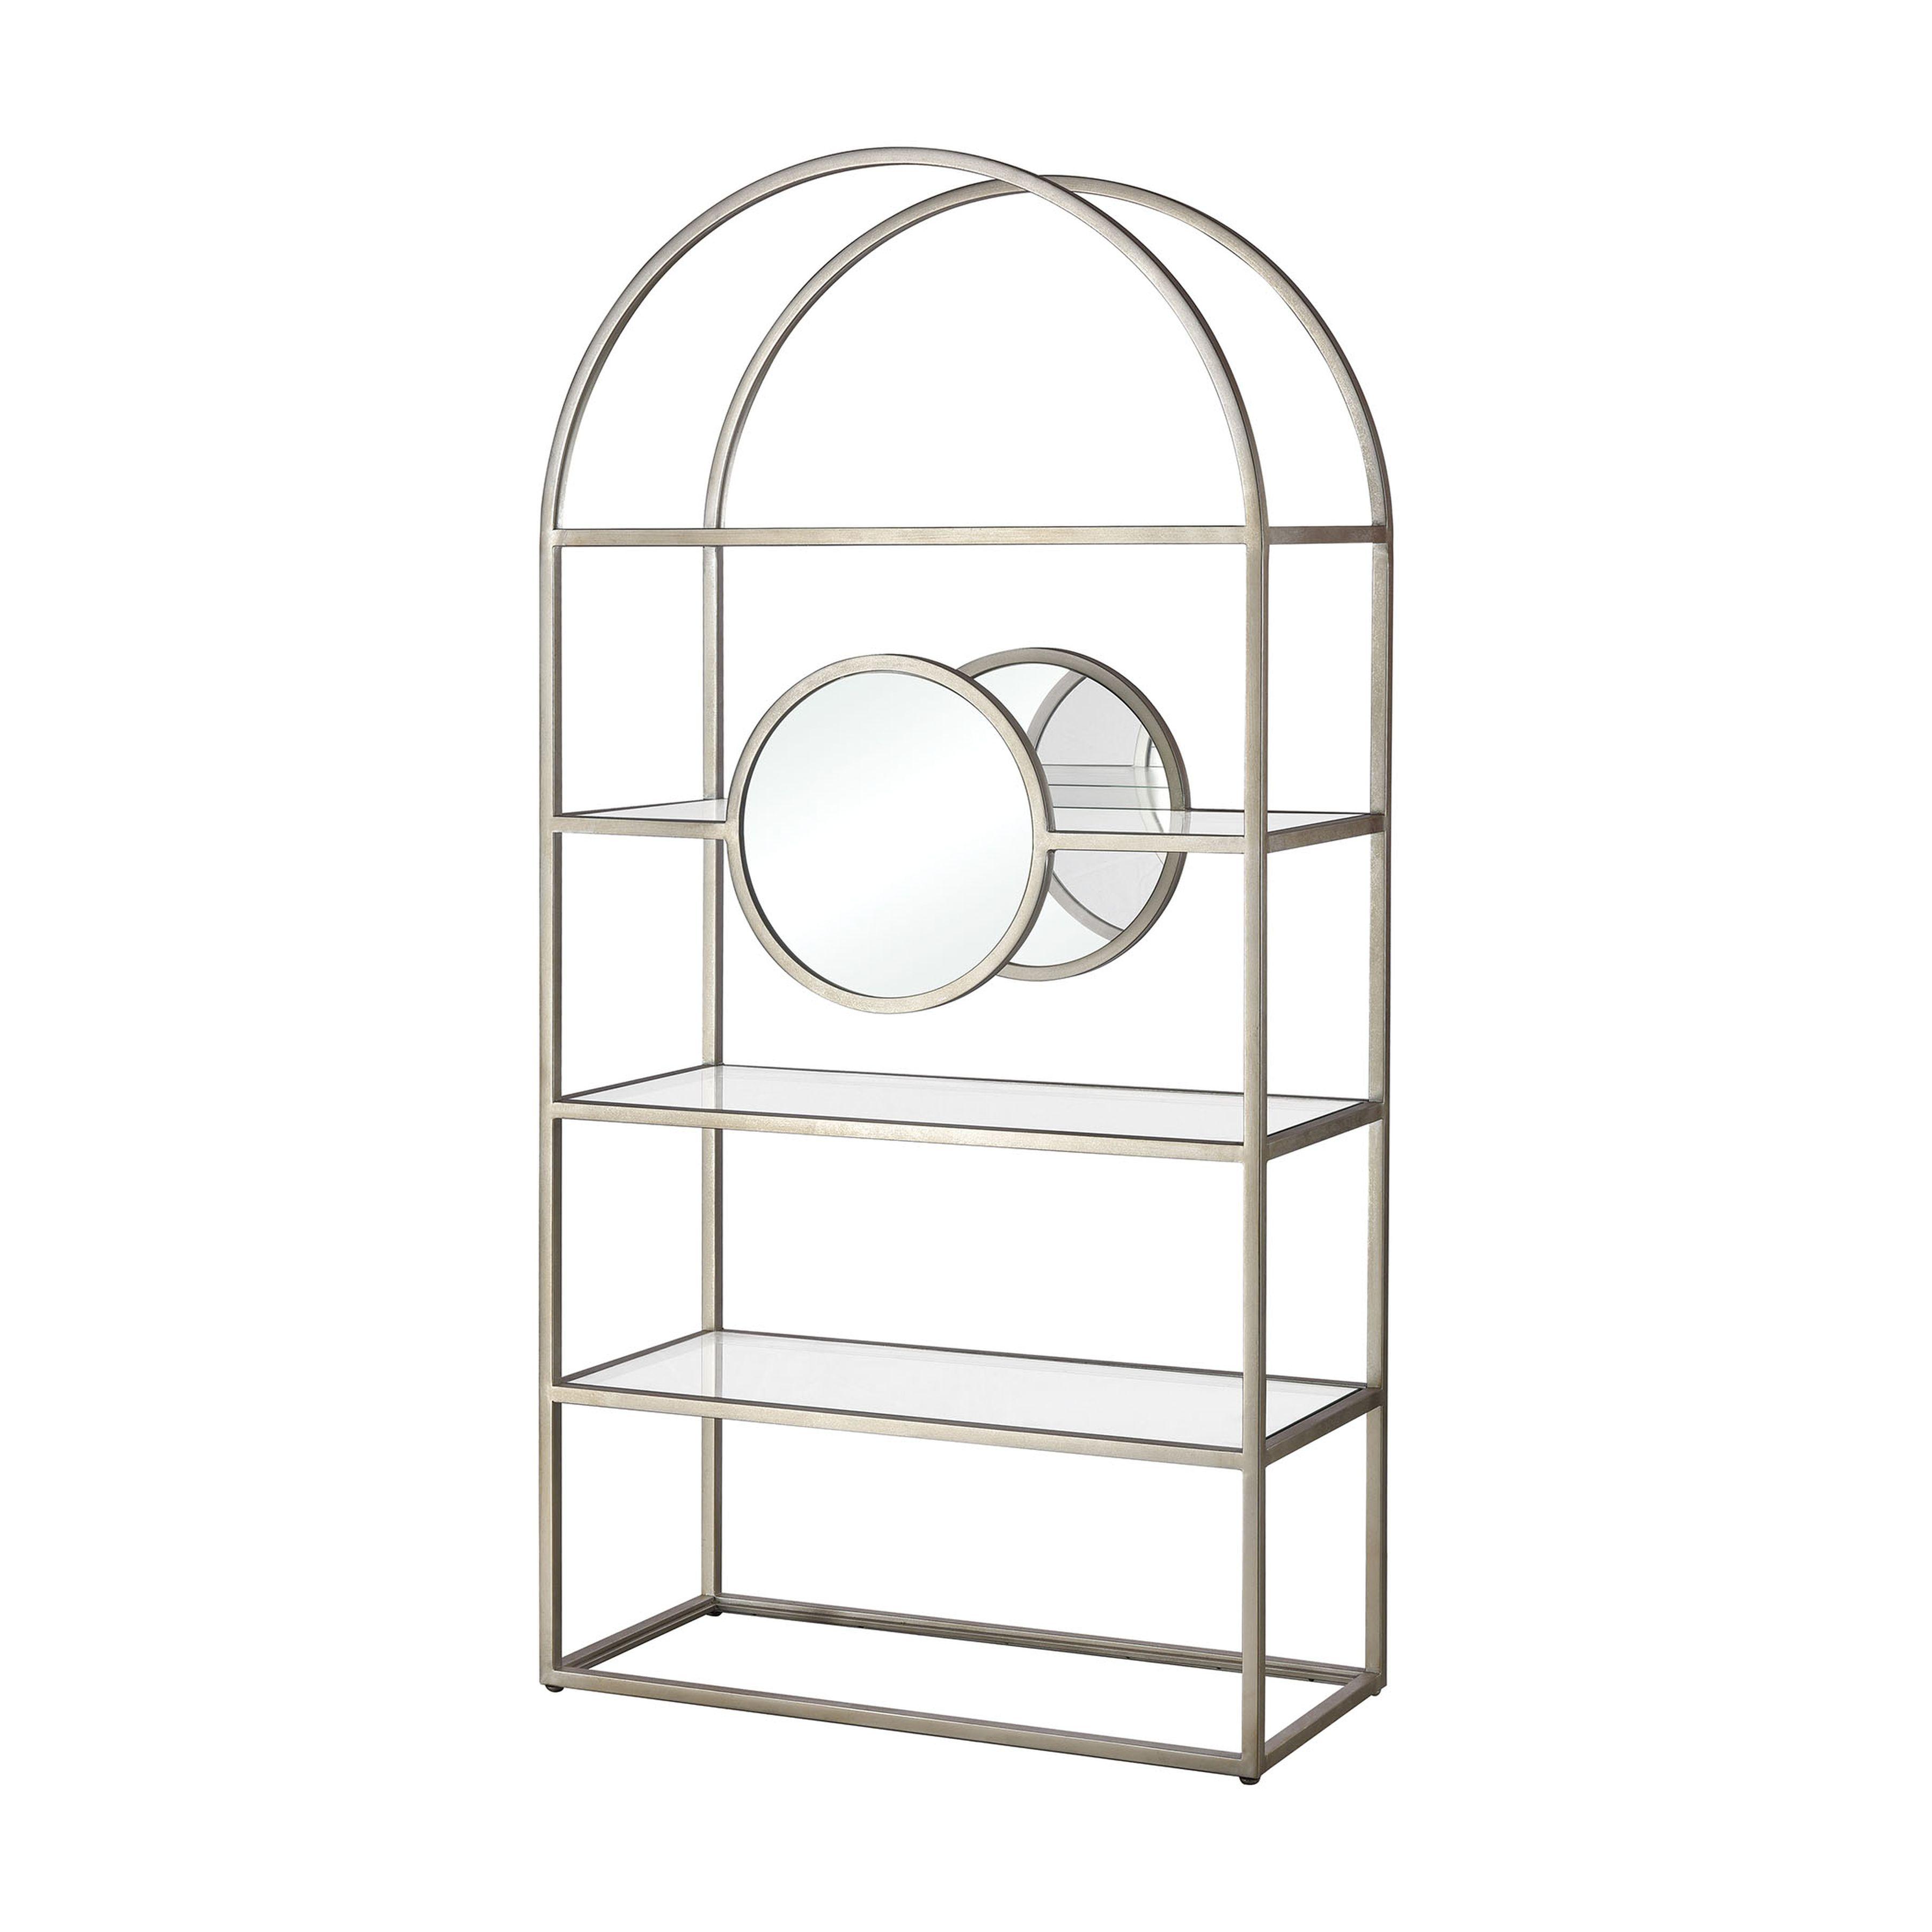 Polaris Shelf 1114-383 | ELK Home